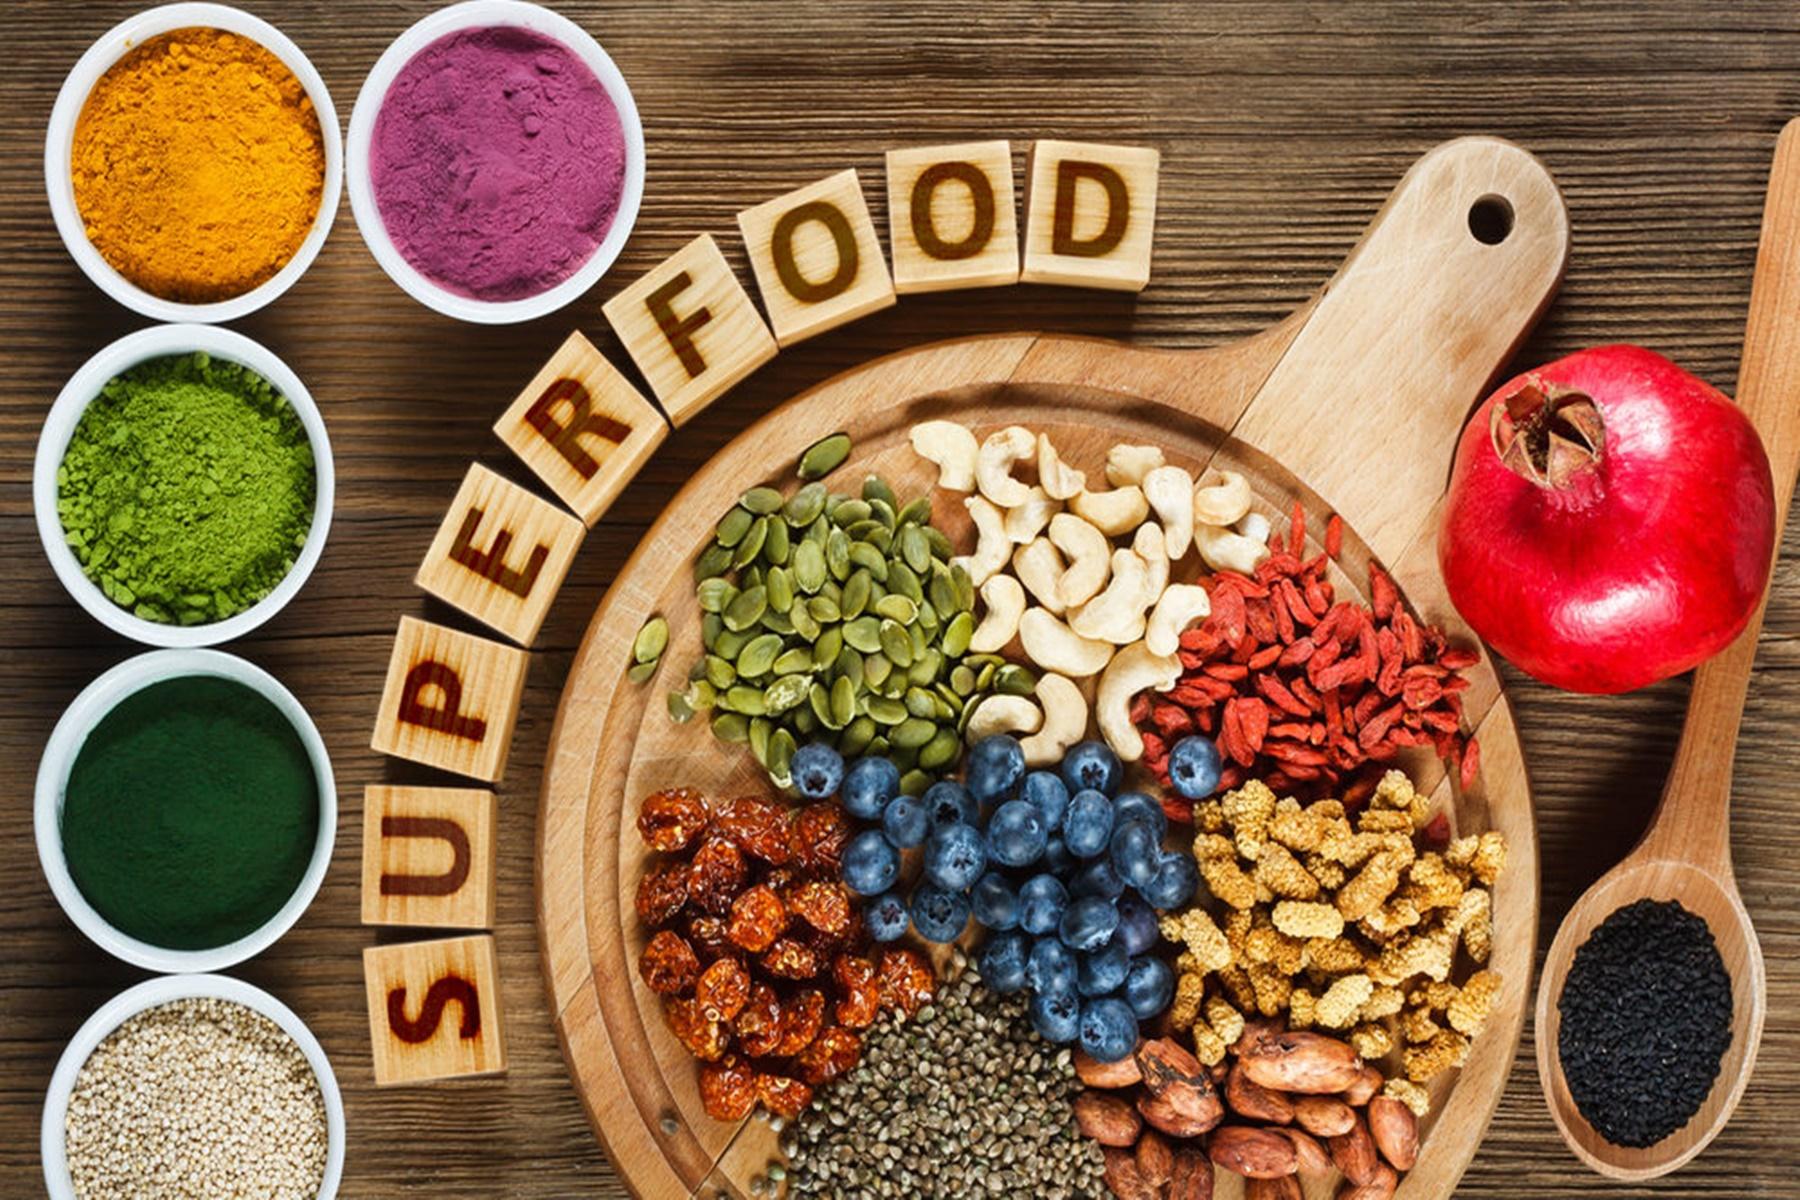 Superfoods : Υγιεινές υπερτροφές